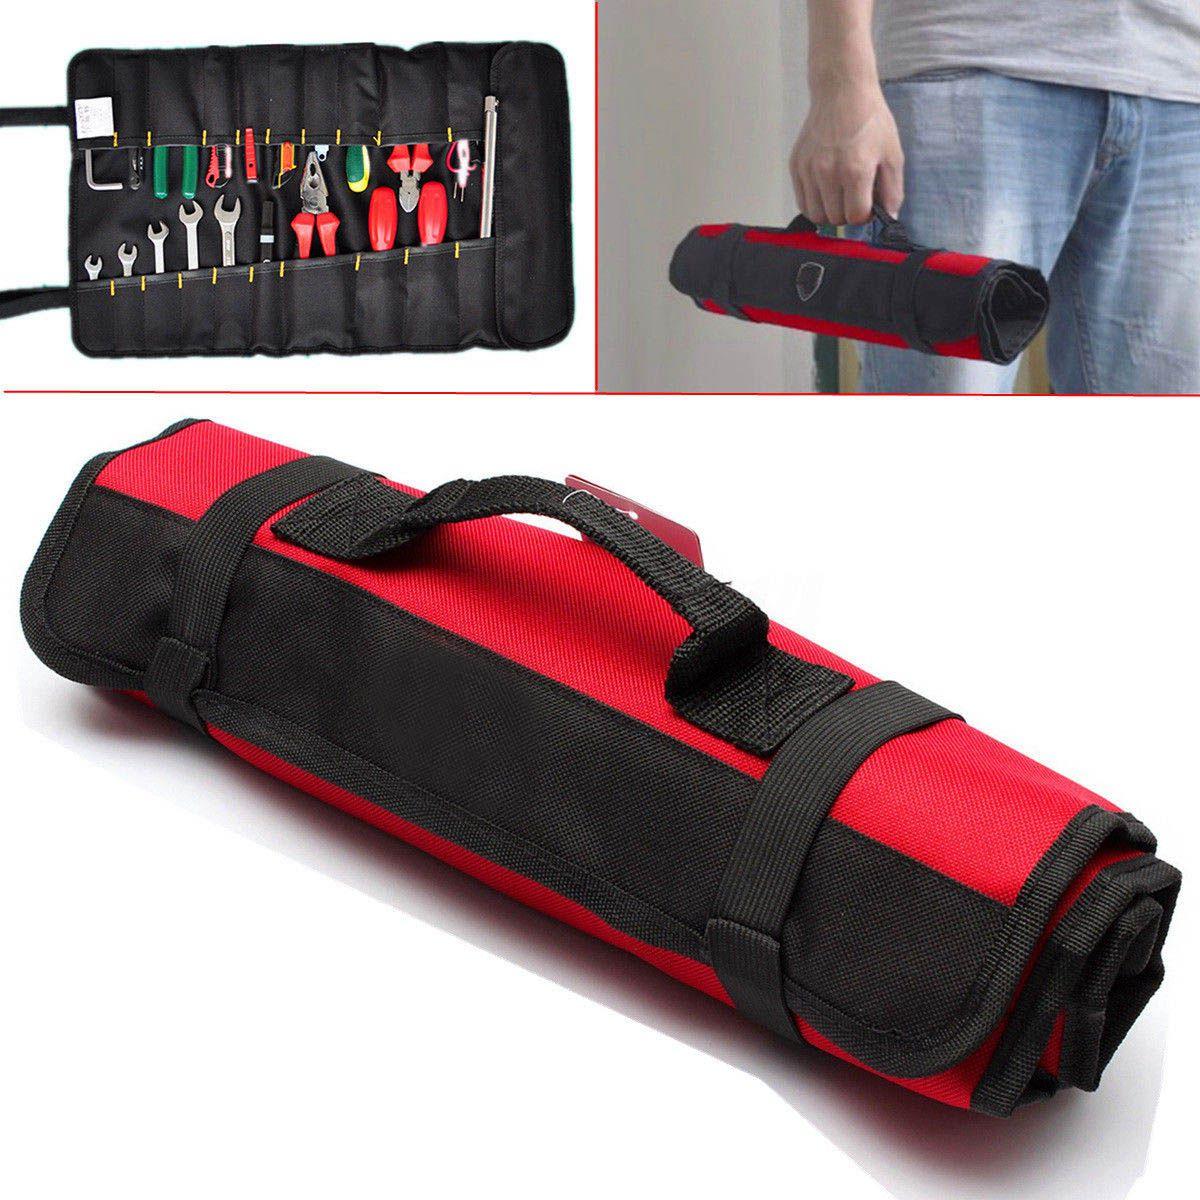 Aletler'ten El Aleti Setleri'de MYLB donanım araçları rulo pense tornavida anahtarı taşıma çantası 22 cepler title=